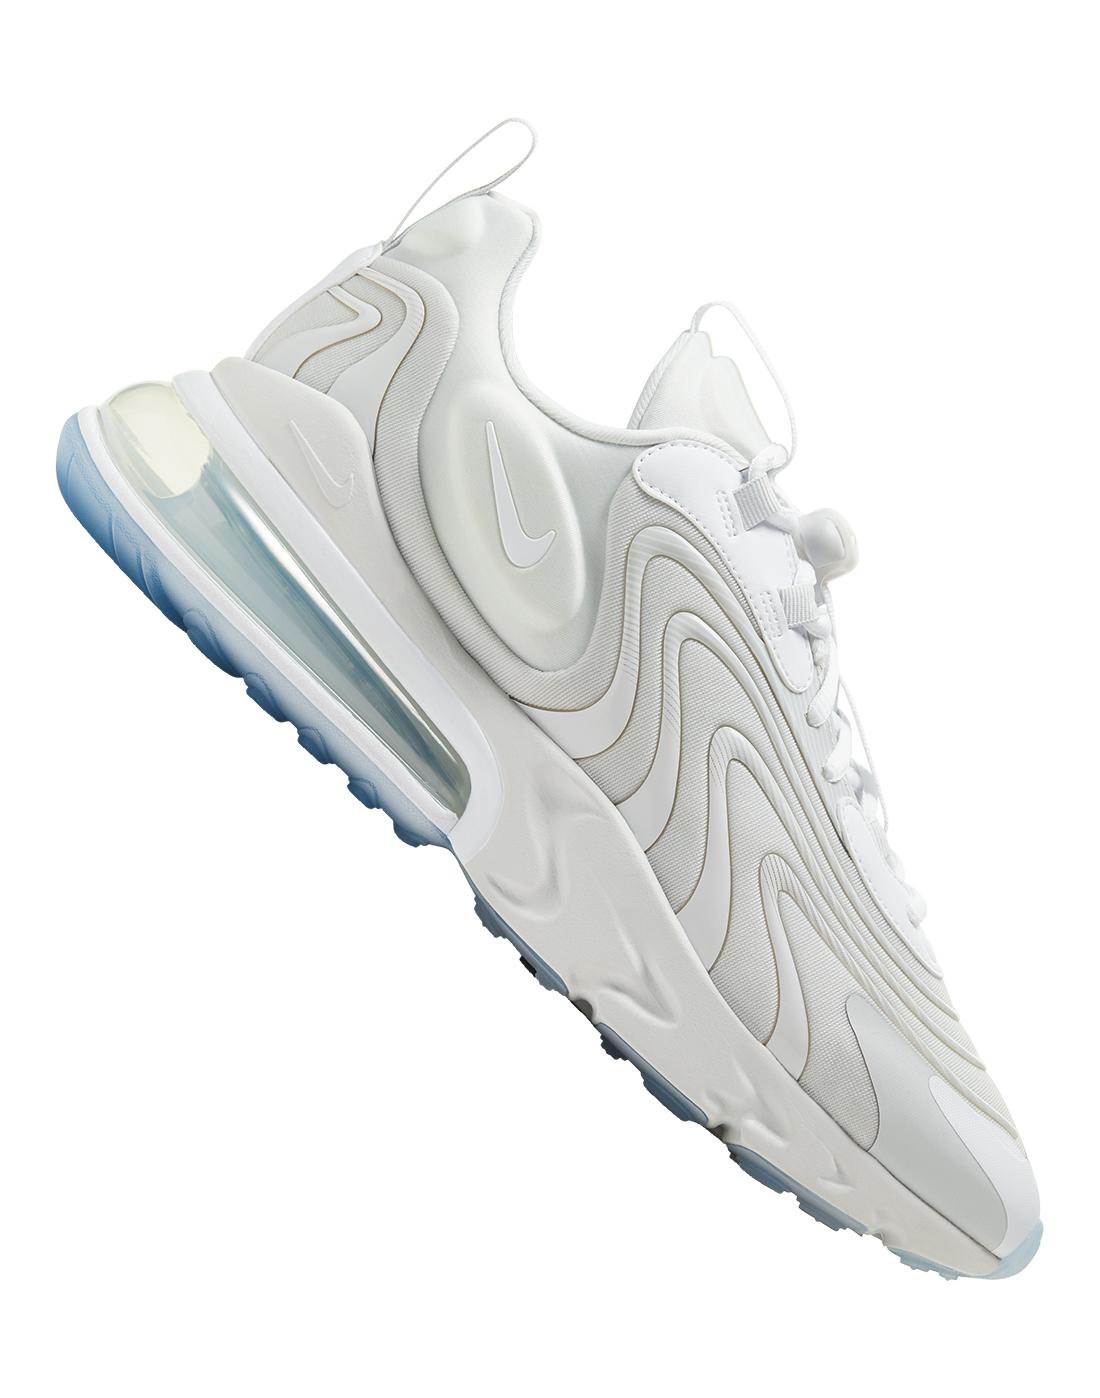 Nike Mens Air Max 270 React ENG - White | adidas cw 3588 price ...